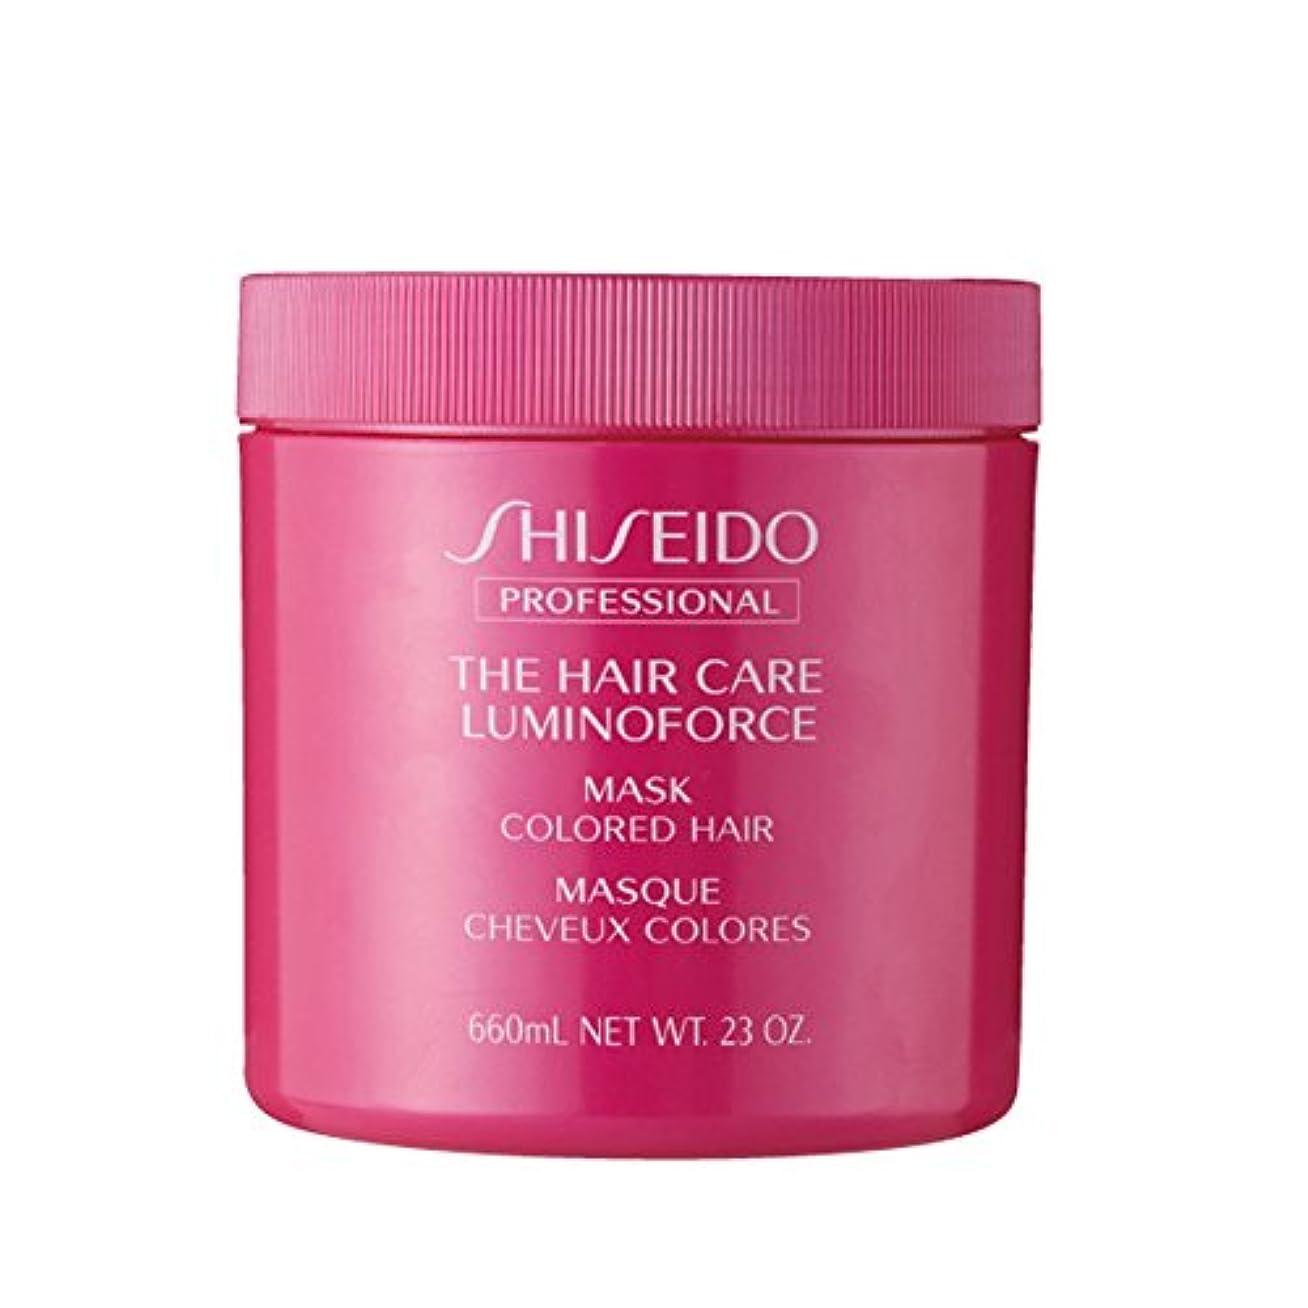 ほこりっぽい突進料理資生堂 THC ルミノフォースマスク 680g ×2個 セットヘアカラーを繰り返したごわついた髪を、芯からしなやかでつややかな髪へSHISEIDO LUMINOFORCE